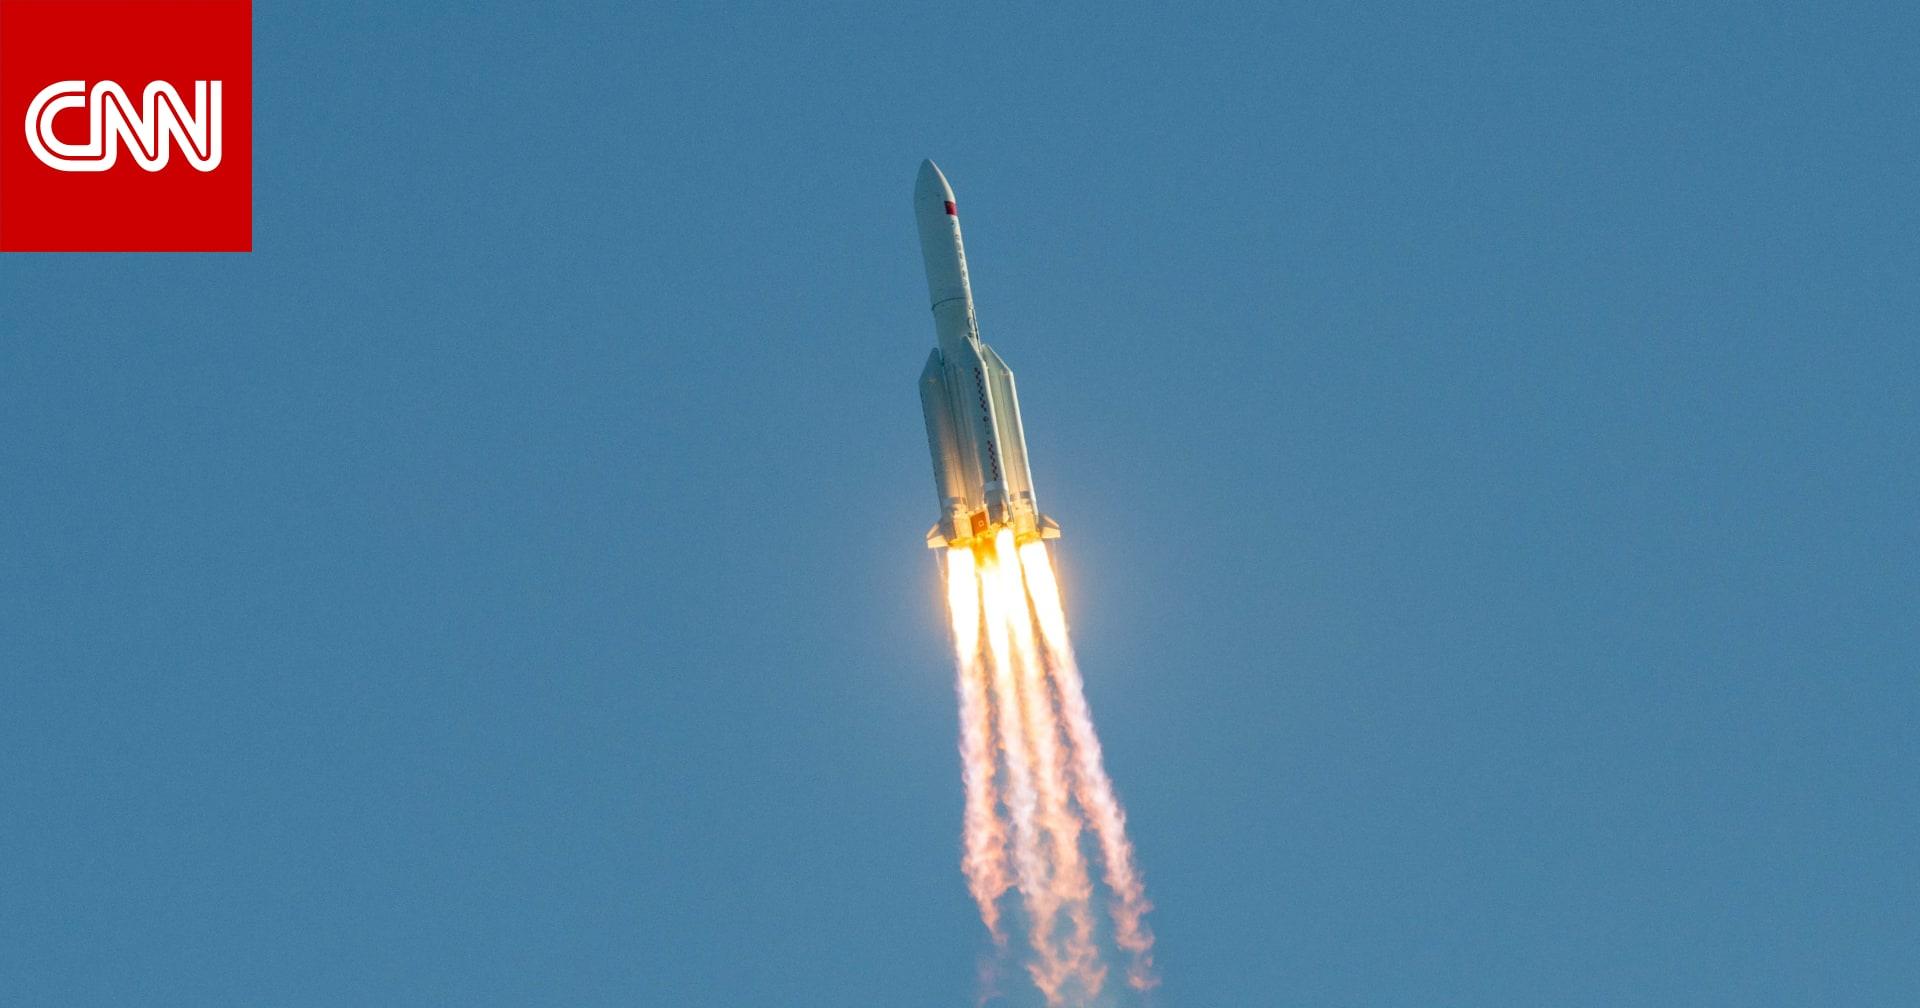 بعد حادث الصاروخ التائه.. ناسا تنتقد طريقة تعامل الصين مع عودة الصواريخ من الفضاء